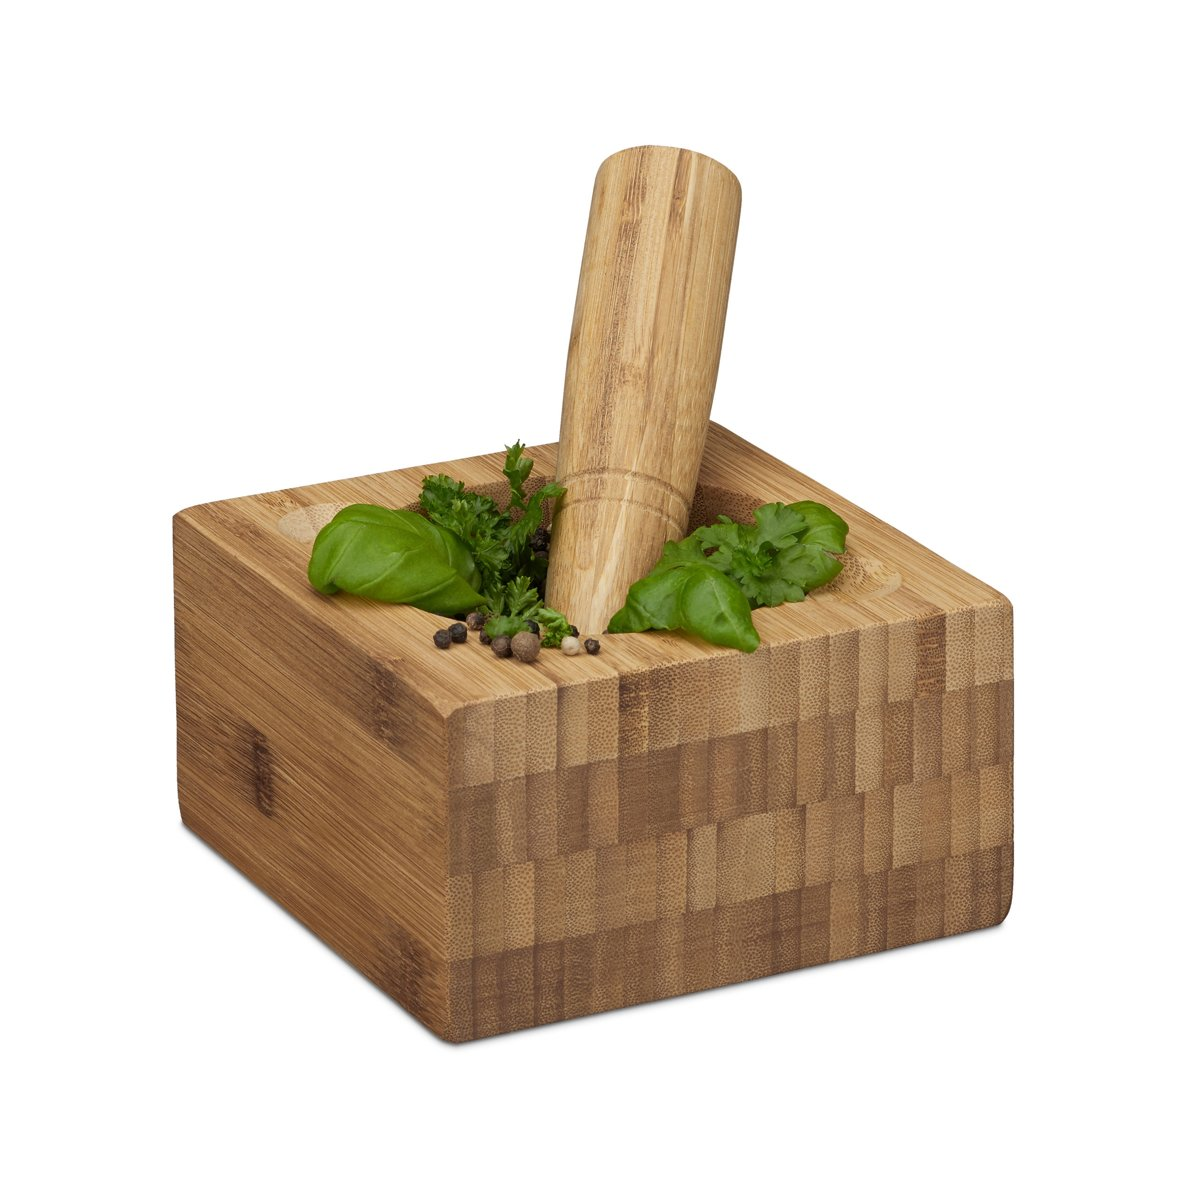 relaxdays vijzel met stamper, vijzel   stamper, keuken, kruiden, bamboehout kopen